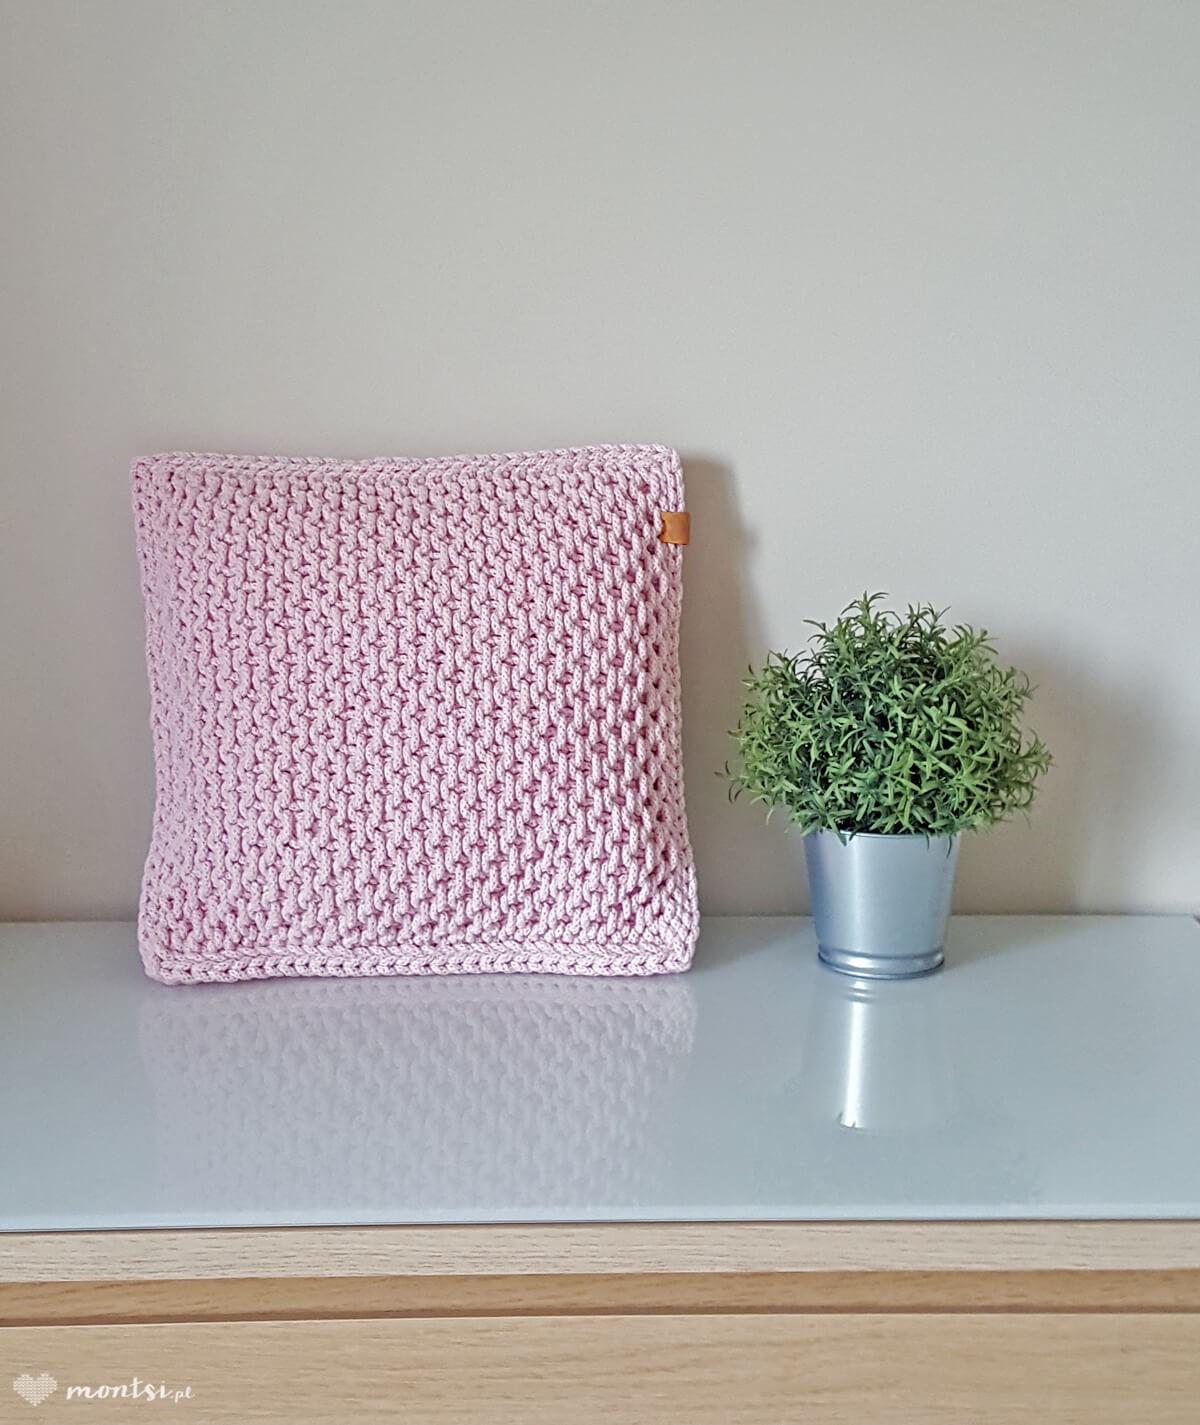 Kiki poduszka ze sznurka jasny różowy